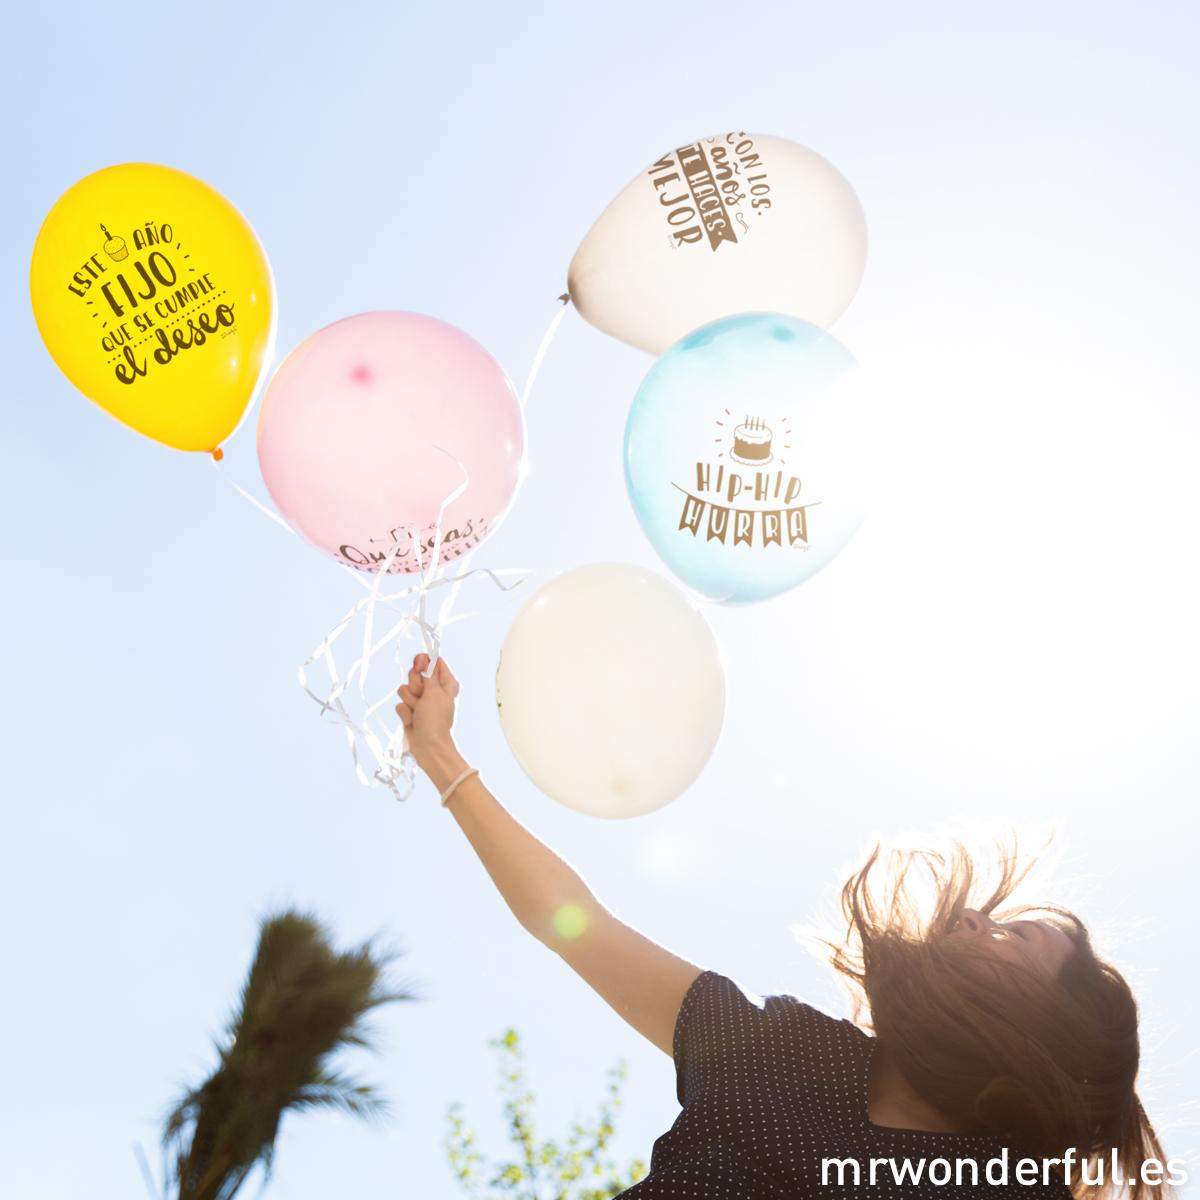 mrwonderful_8436547190775_GLOBO-02_Globo-celebraciones_cumple_pastel-159-Editar-Editar